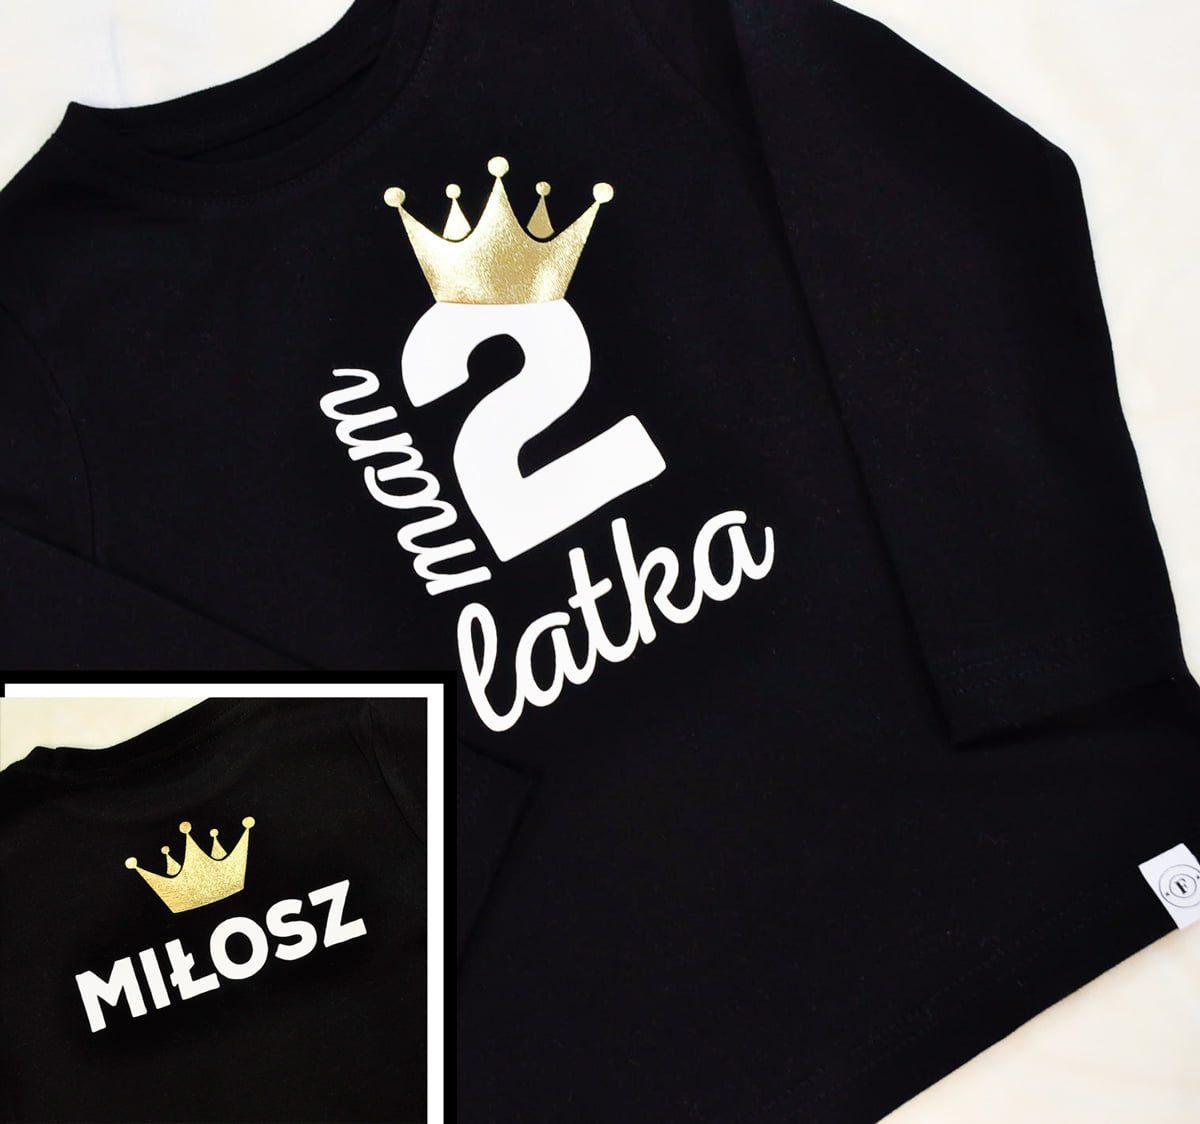 Ogromny Koszulka lub body na urodziny - Fabryka Bodziaków CJ67